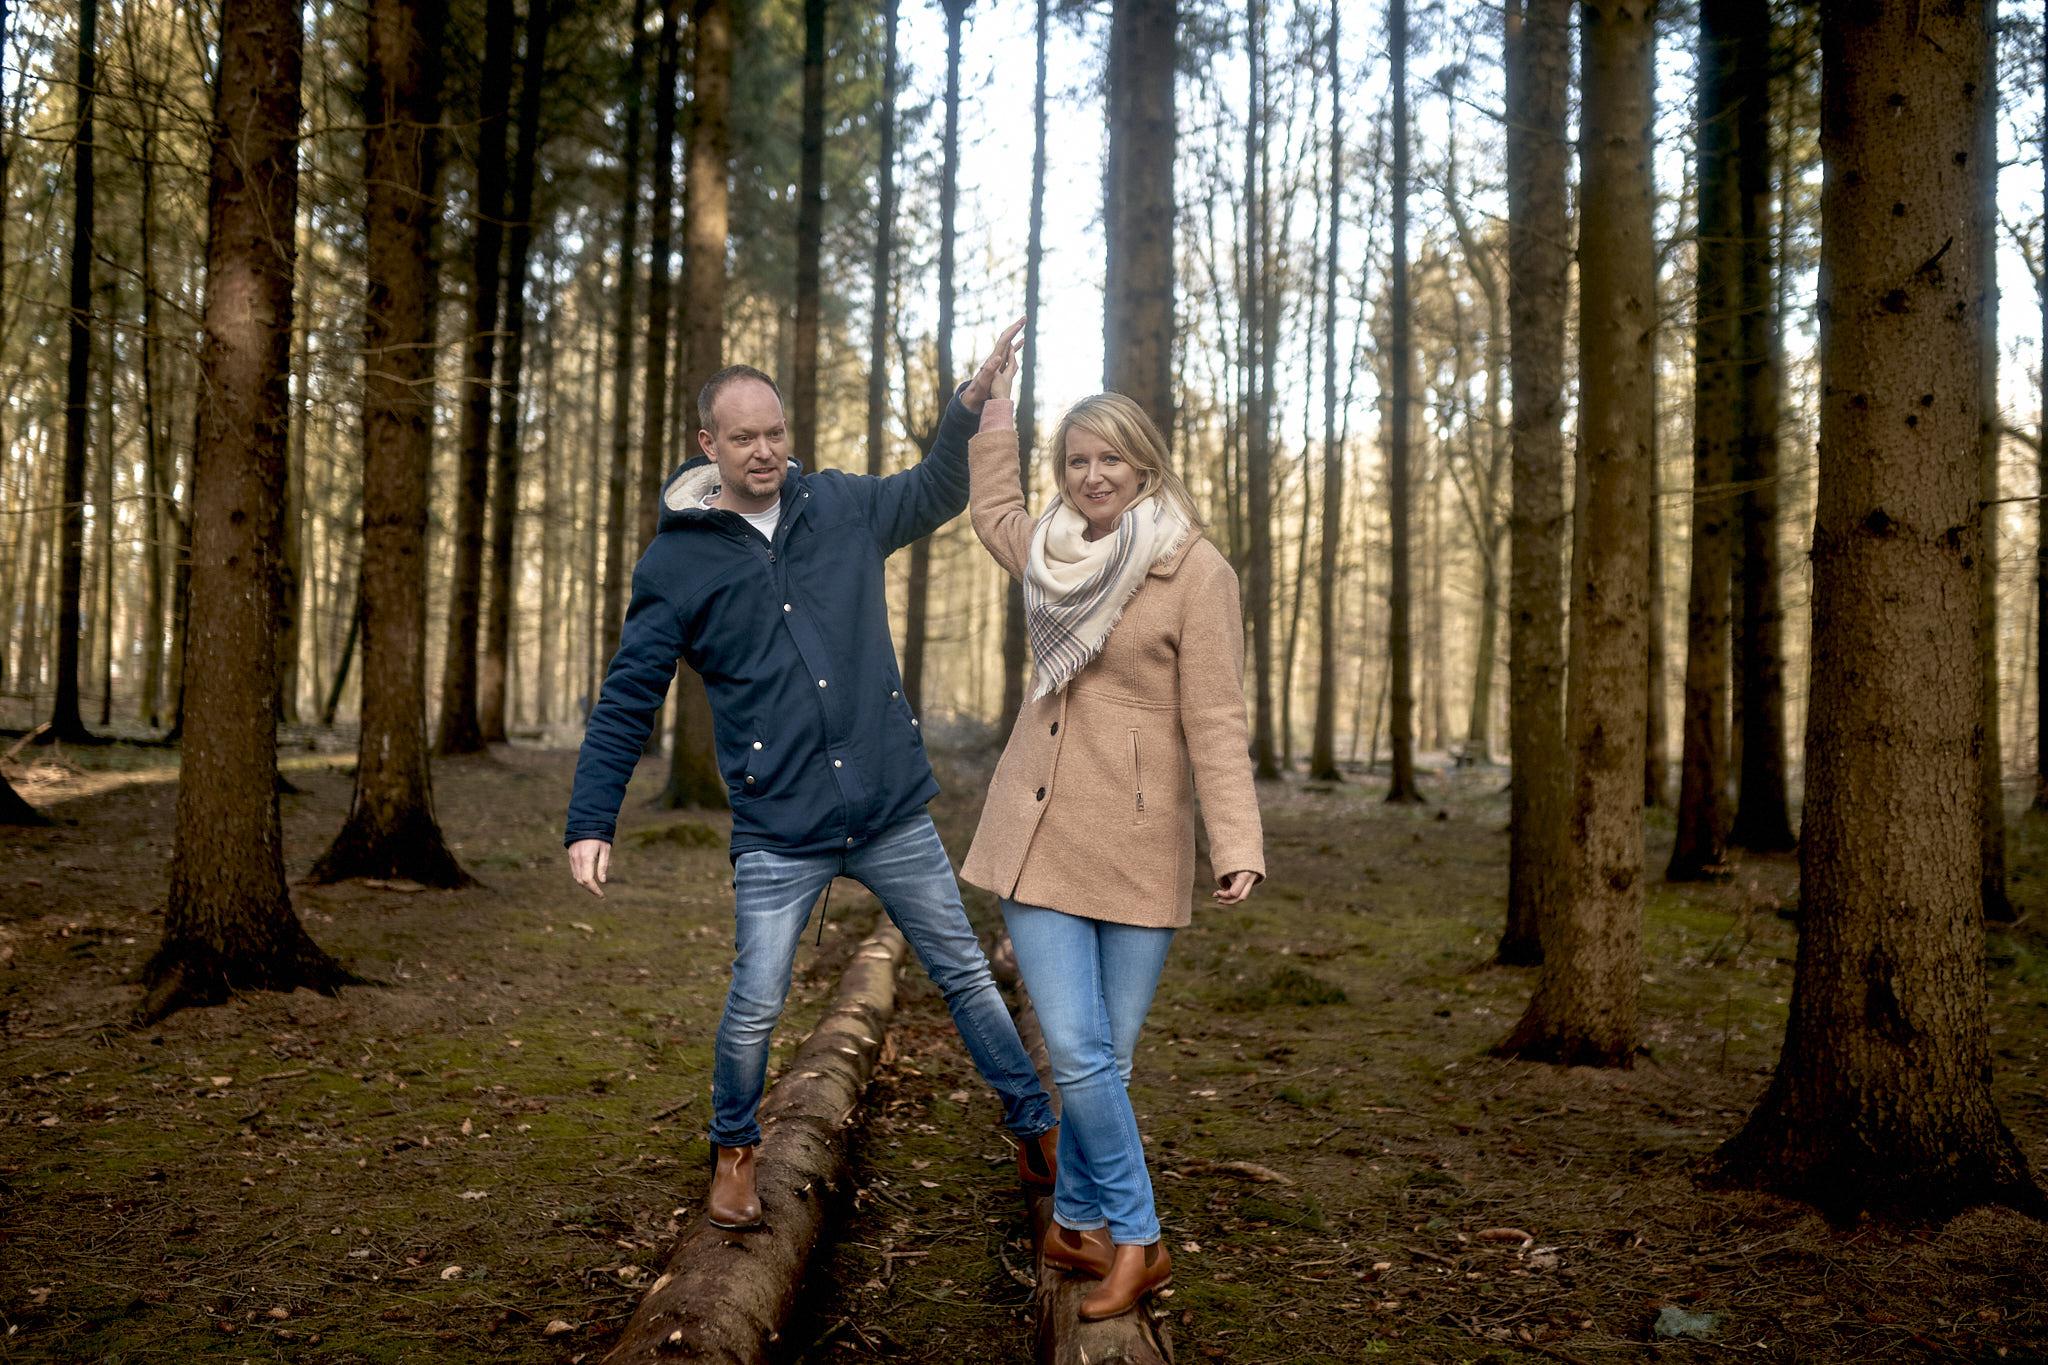 Engagementshooting, Hochzeitsfieber by Photo-Schomburg, Pärchenshoot, Hamburg, Elbe, Hamburger Hafen, Hochzeitsfotograf, Wedding, Coupleshoot, Hochzeitsfotografie 14